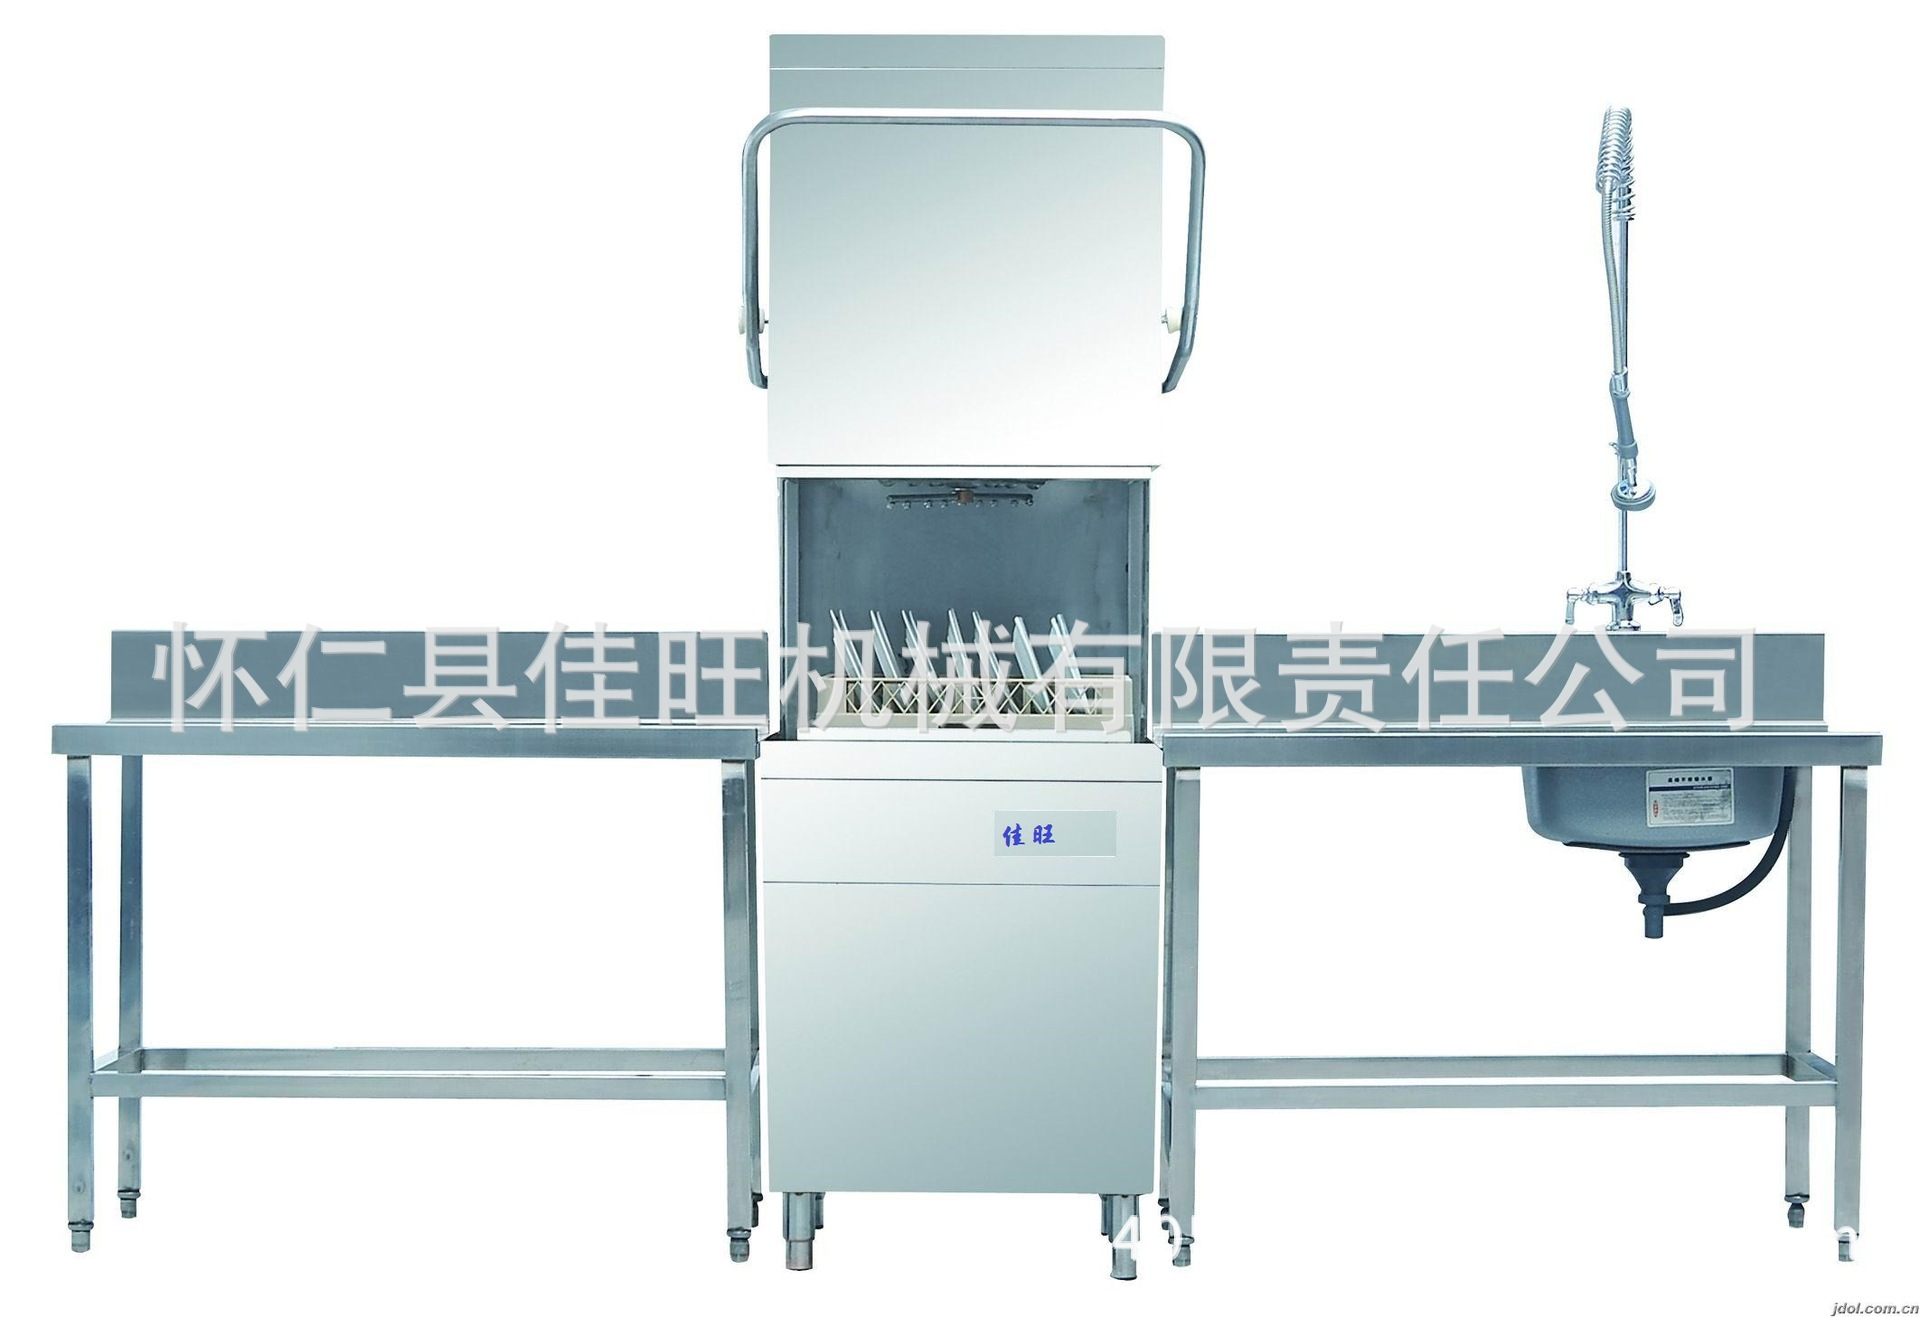 Máy rửa chén  Washing and drying machine, washing and drying machine, belt type dishwasher, central